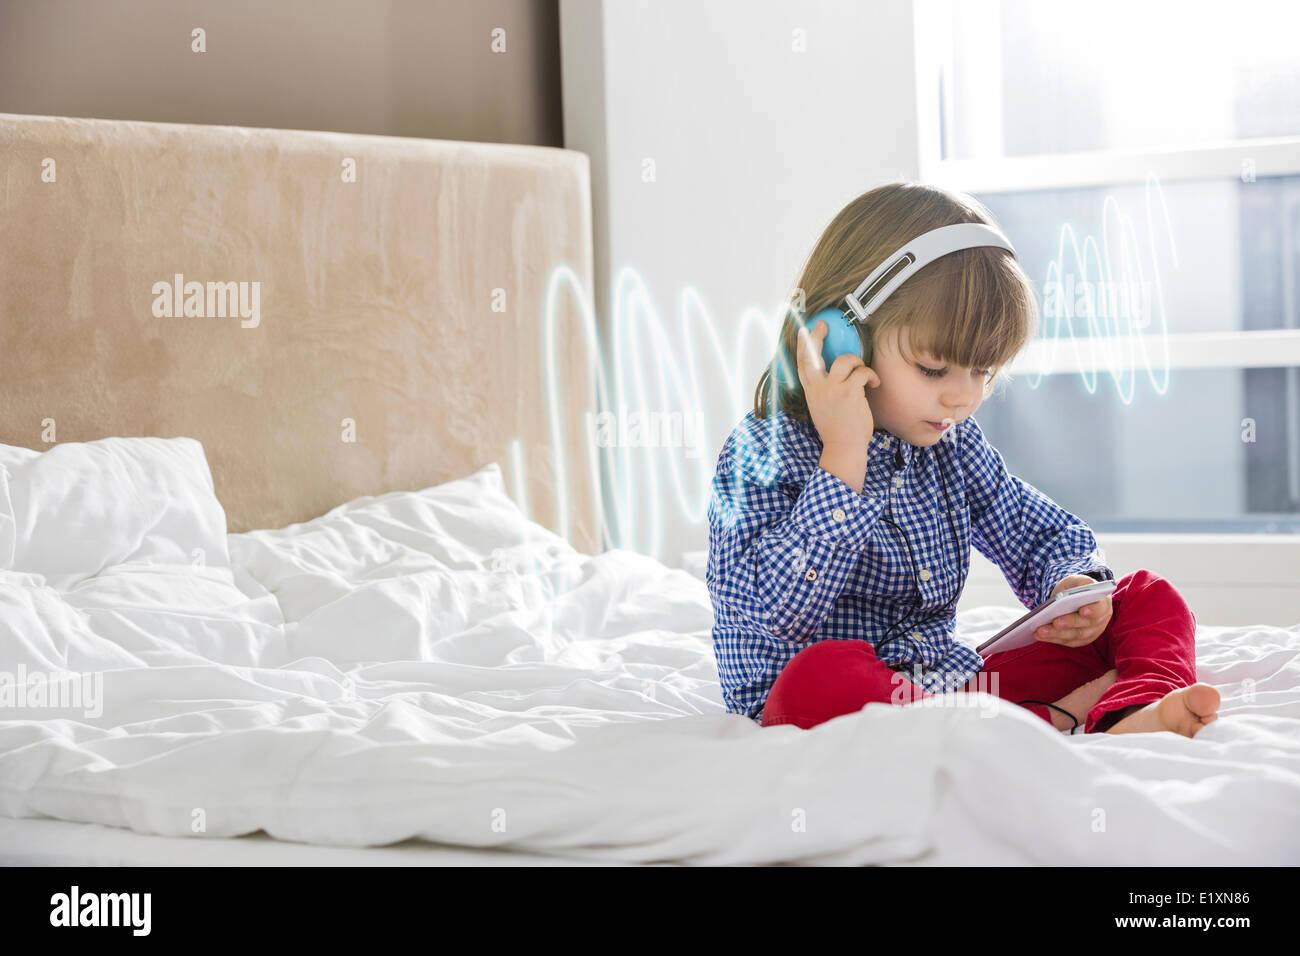 Toute la longueur de l'écoute au casque musique garçon on bed Photo Stock